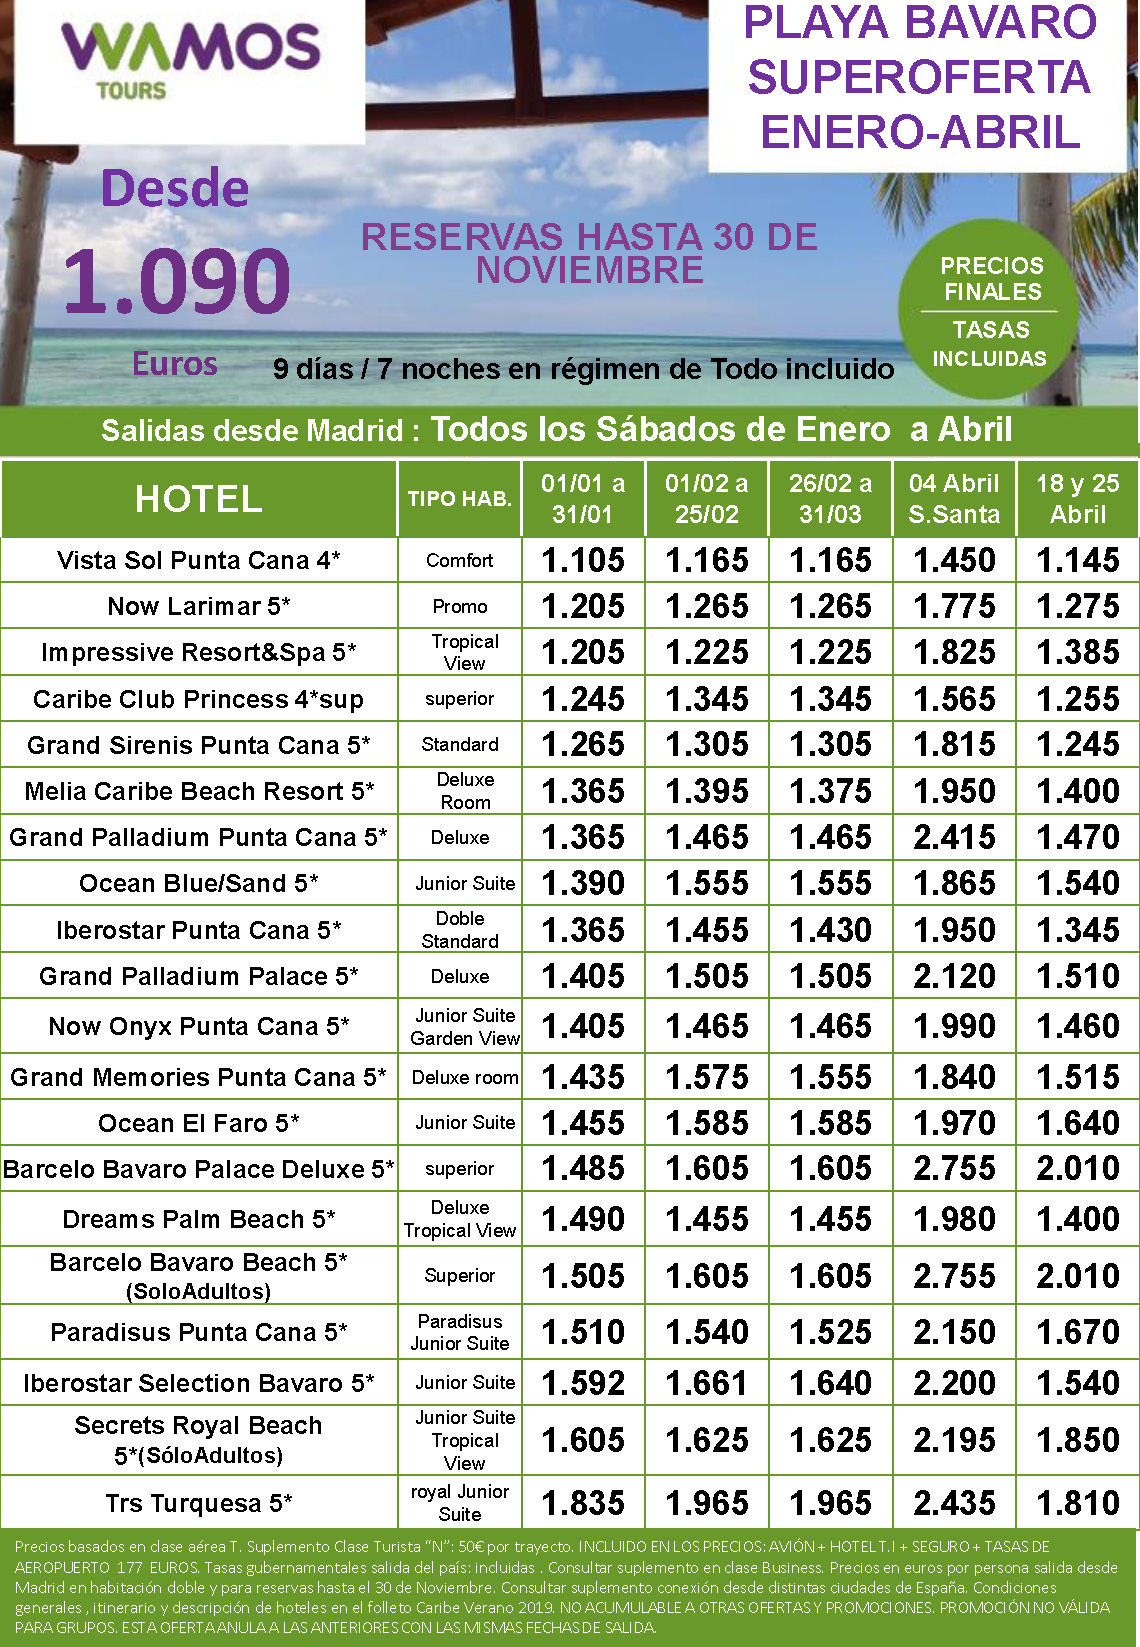 Ofertas Wamos Punta Cana Invierno y Primavera 2019-2020